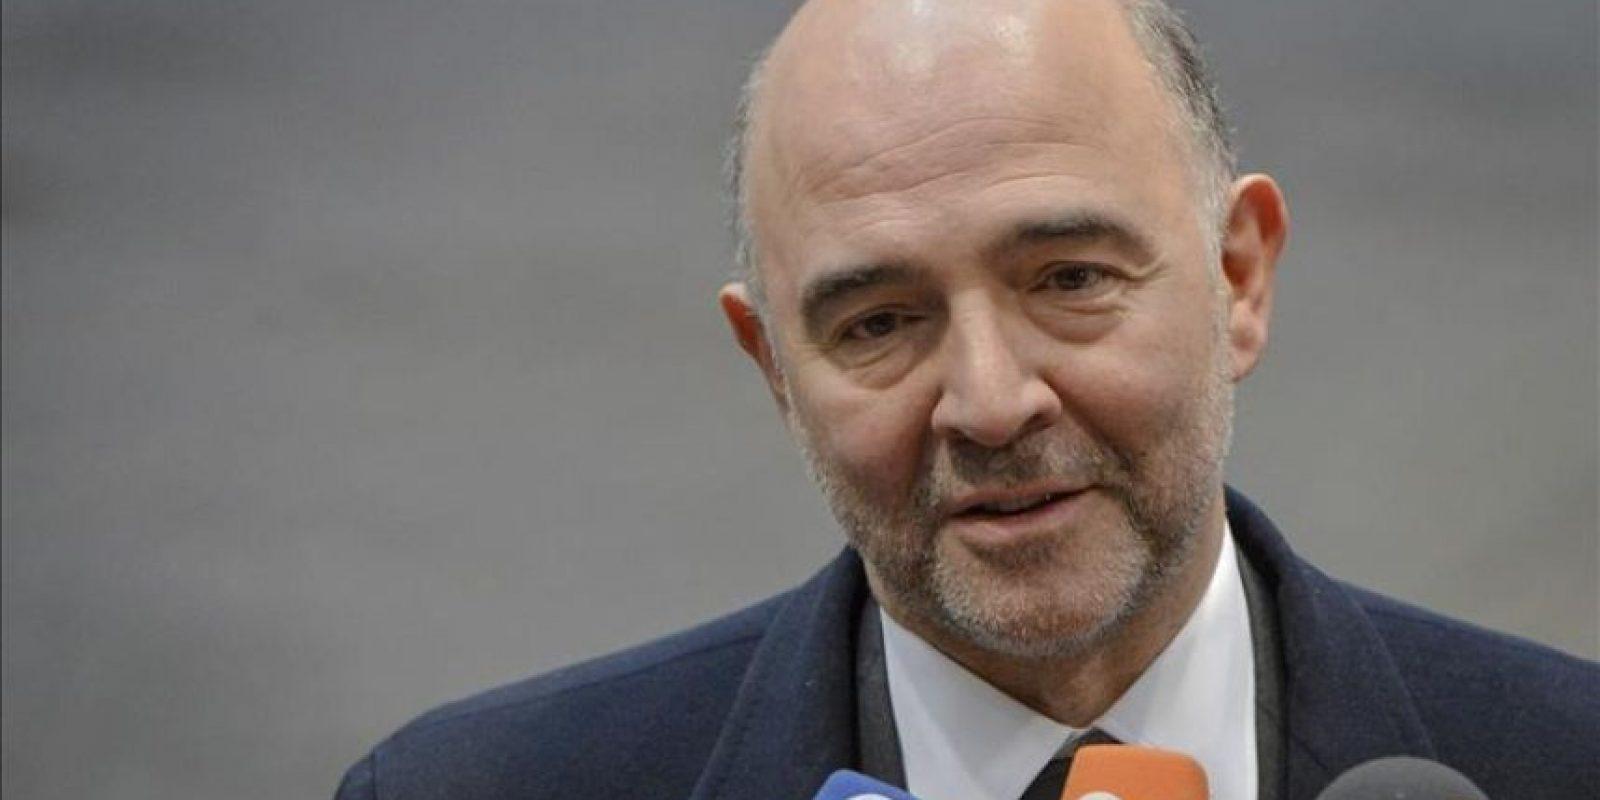 El comisario europeo de Economía, Pierre Moscovici, a su llegada a la reunión de los ministros de Economía y Finanzas de la UE, en la sede del Consejo Europeo en Bruselas, Bélgica, hoy. EFE